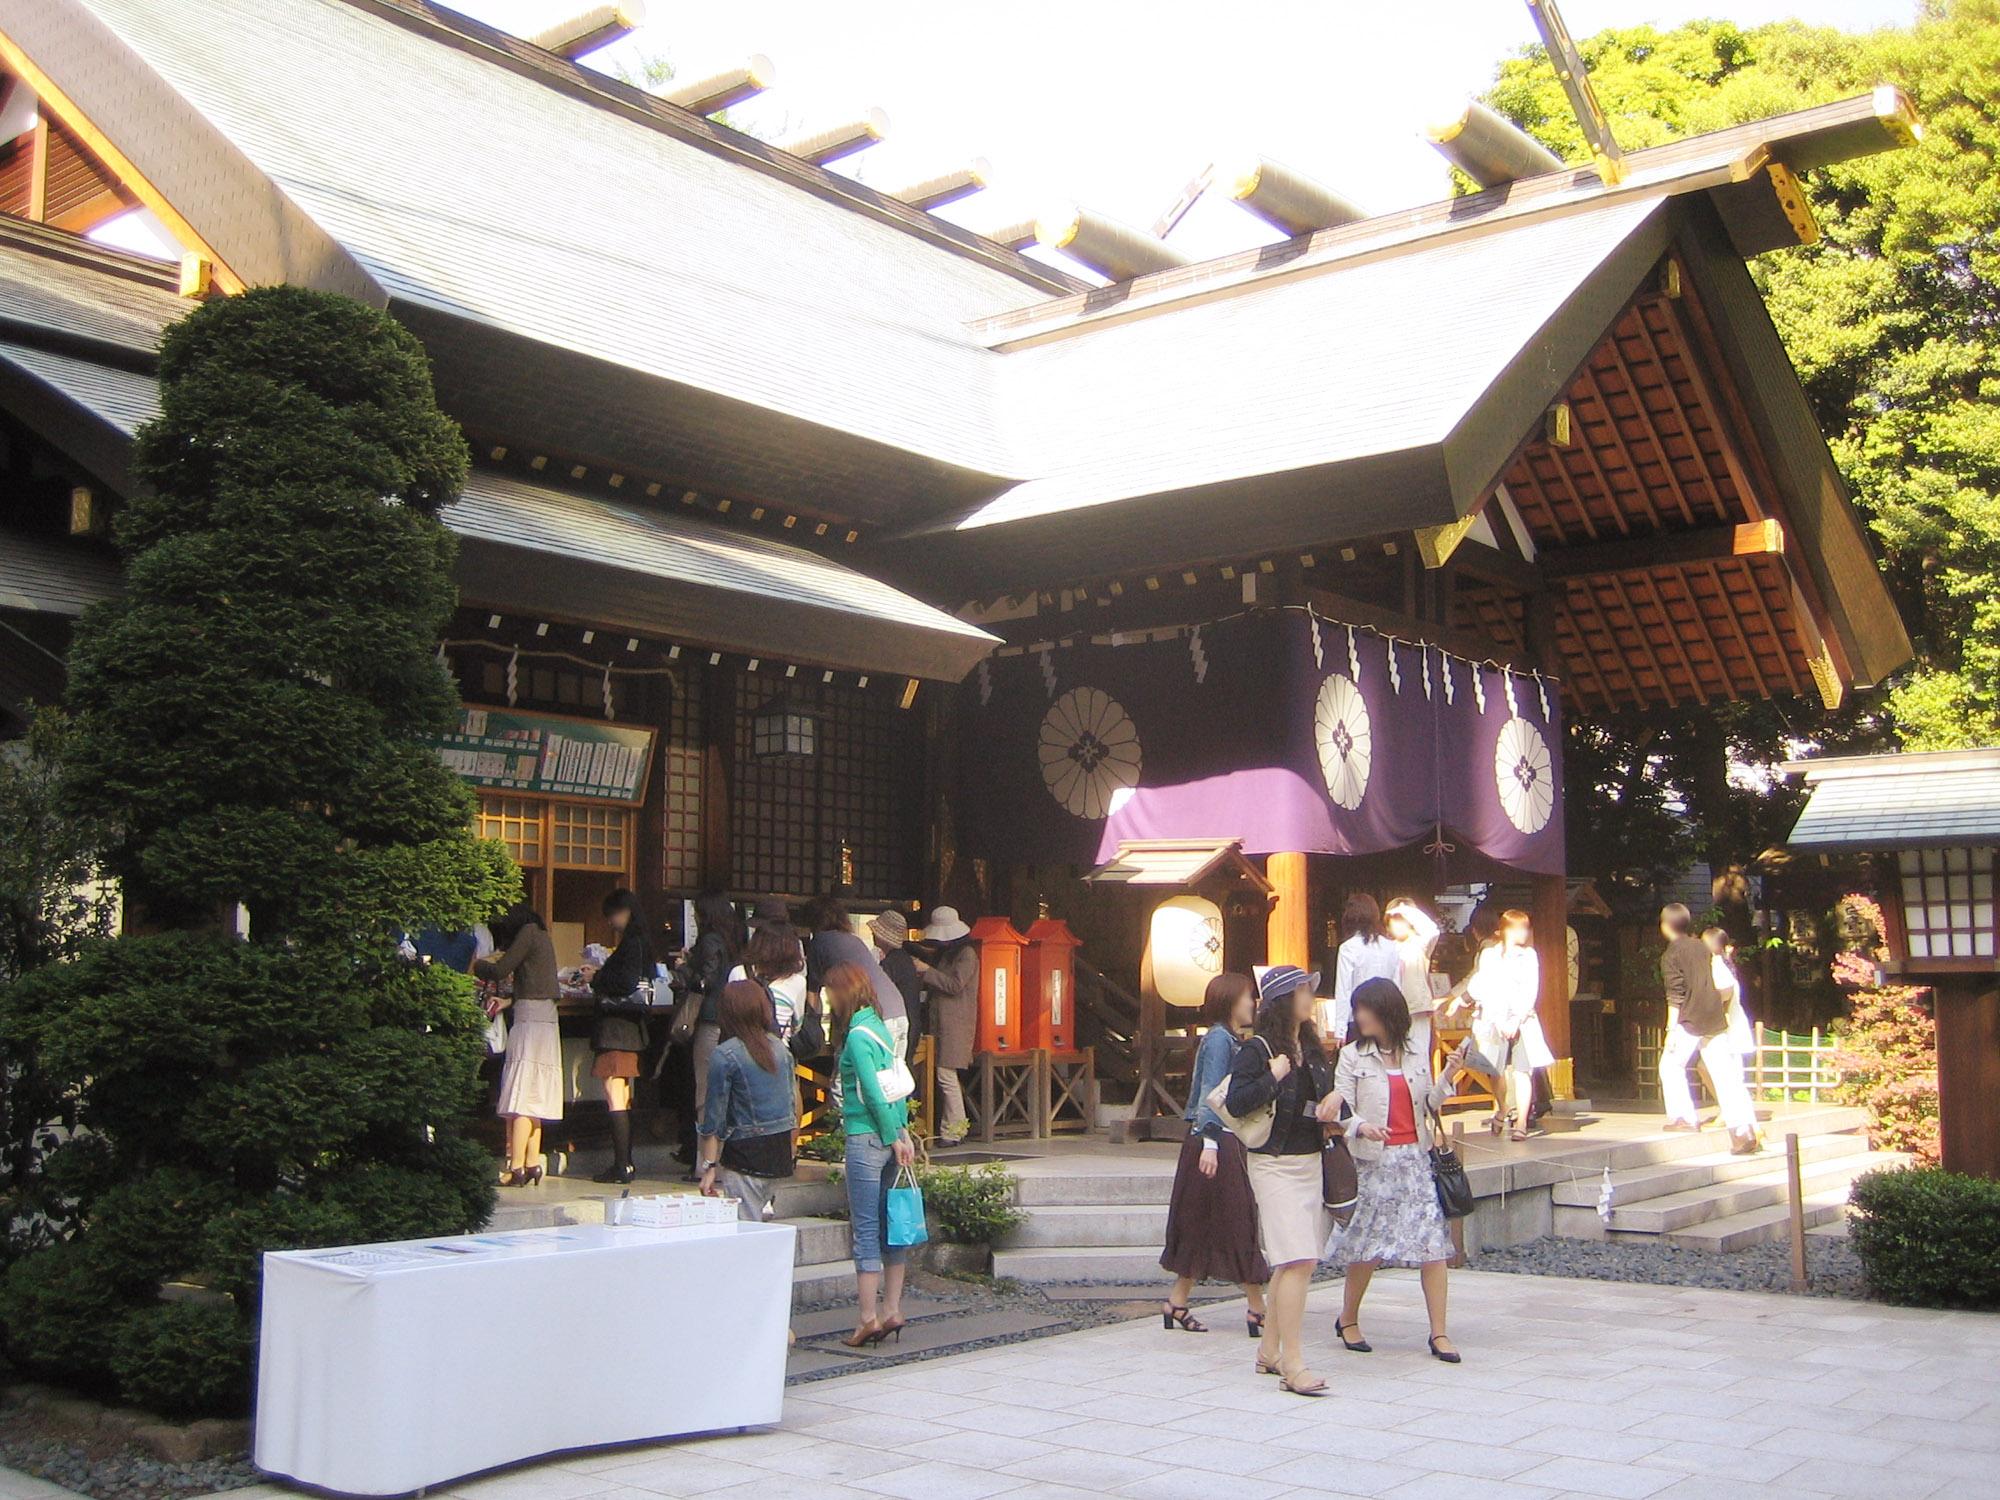 東京大神宮は日本初の神前結婚式が行われた神社!縁結びの効果抜群。